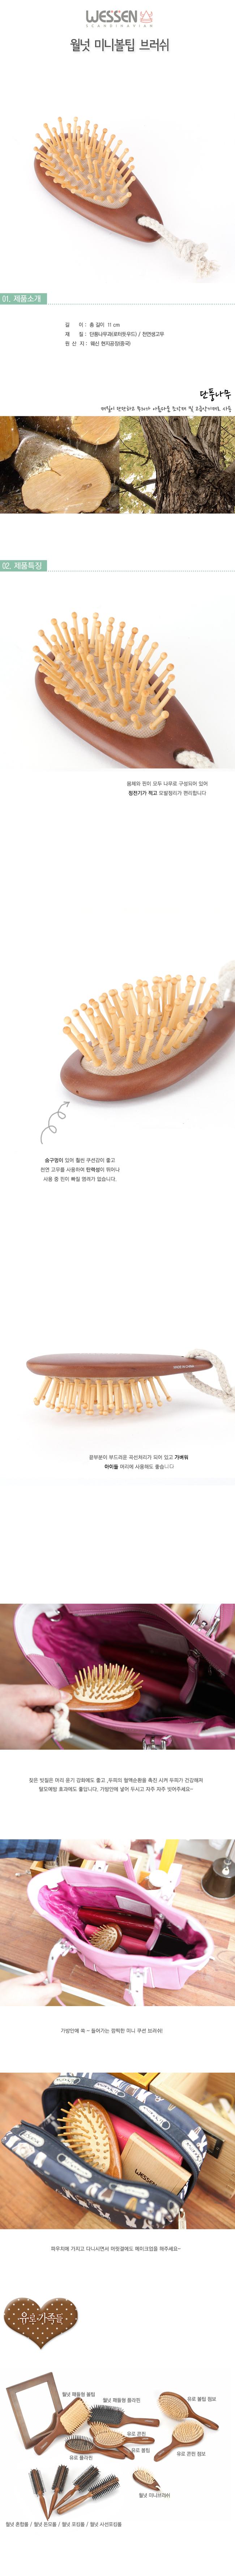 휴대가 간편한 웨신미니헤어브러쉬